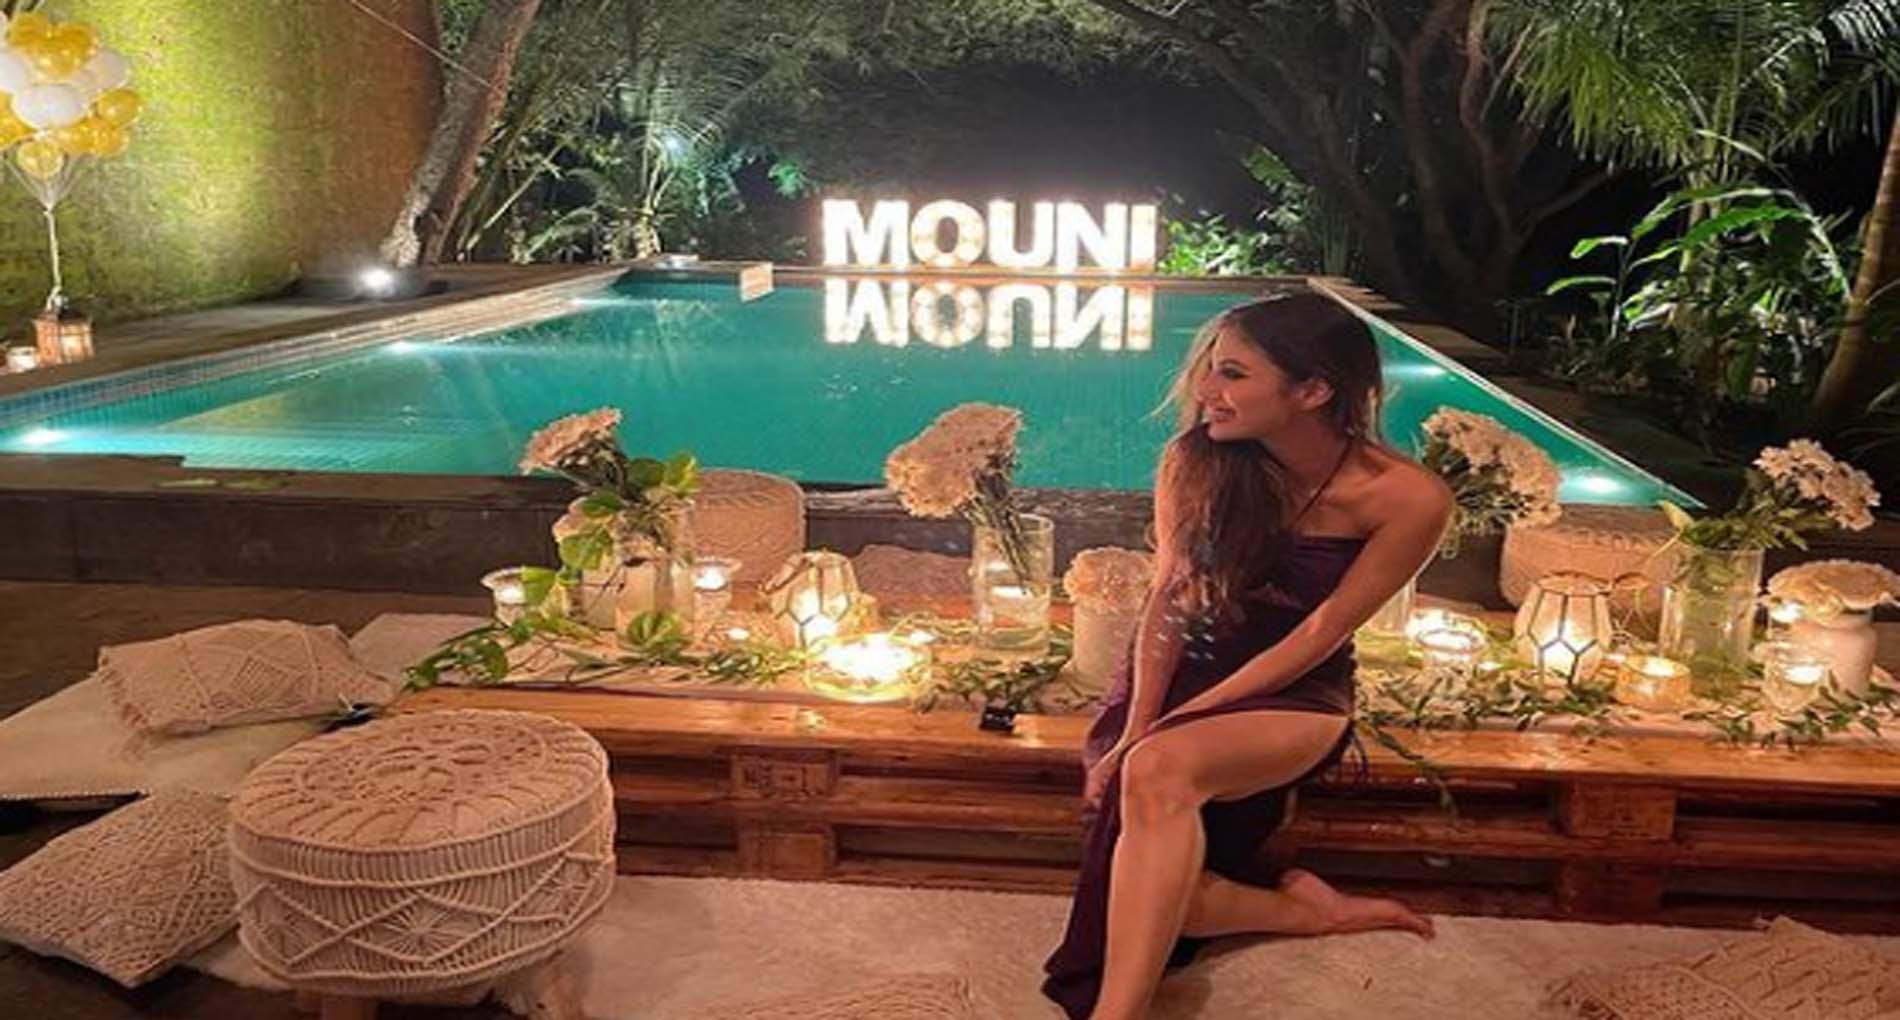 Mouni Roy Photos: बिकिनी में बर्थडे गर्ल मौनी रॉय का स्टनिंग लुक! फोटोज हुई वायरल